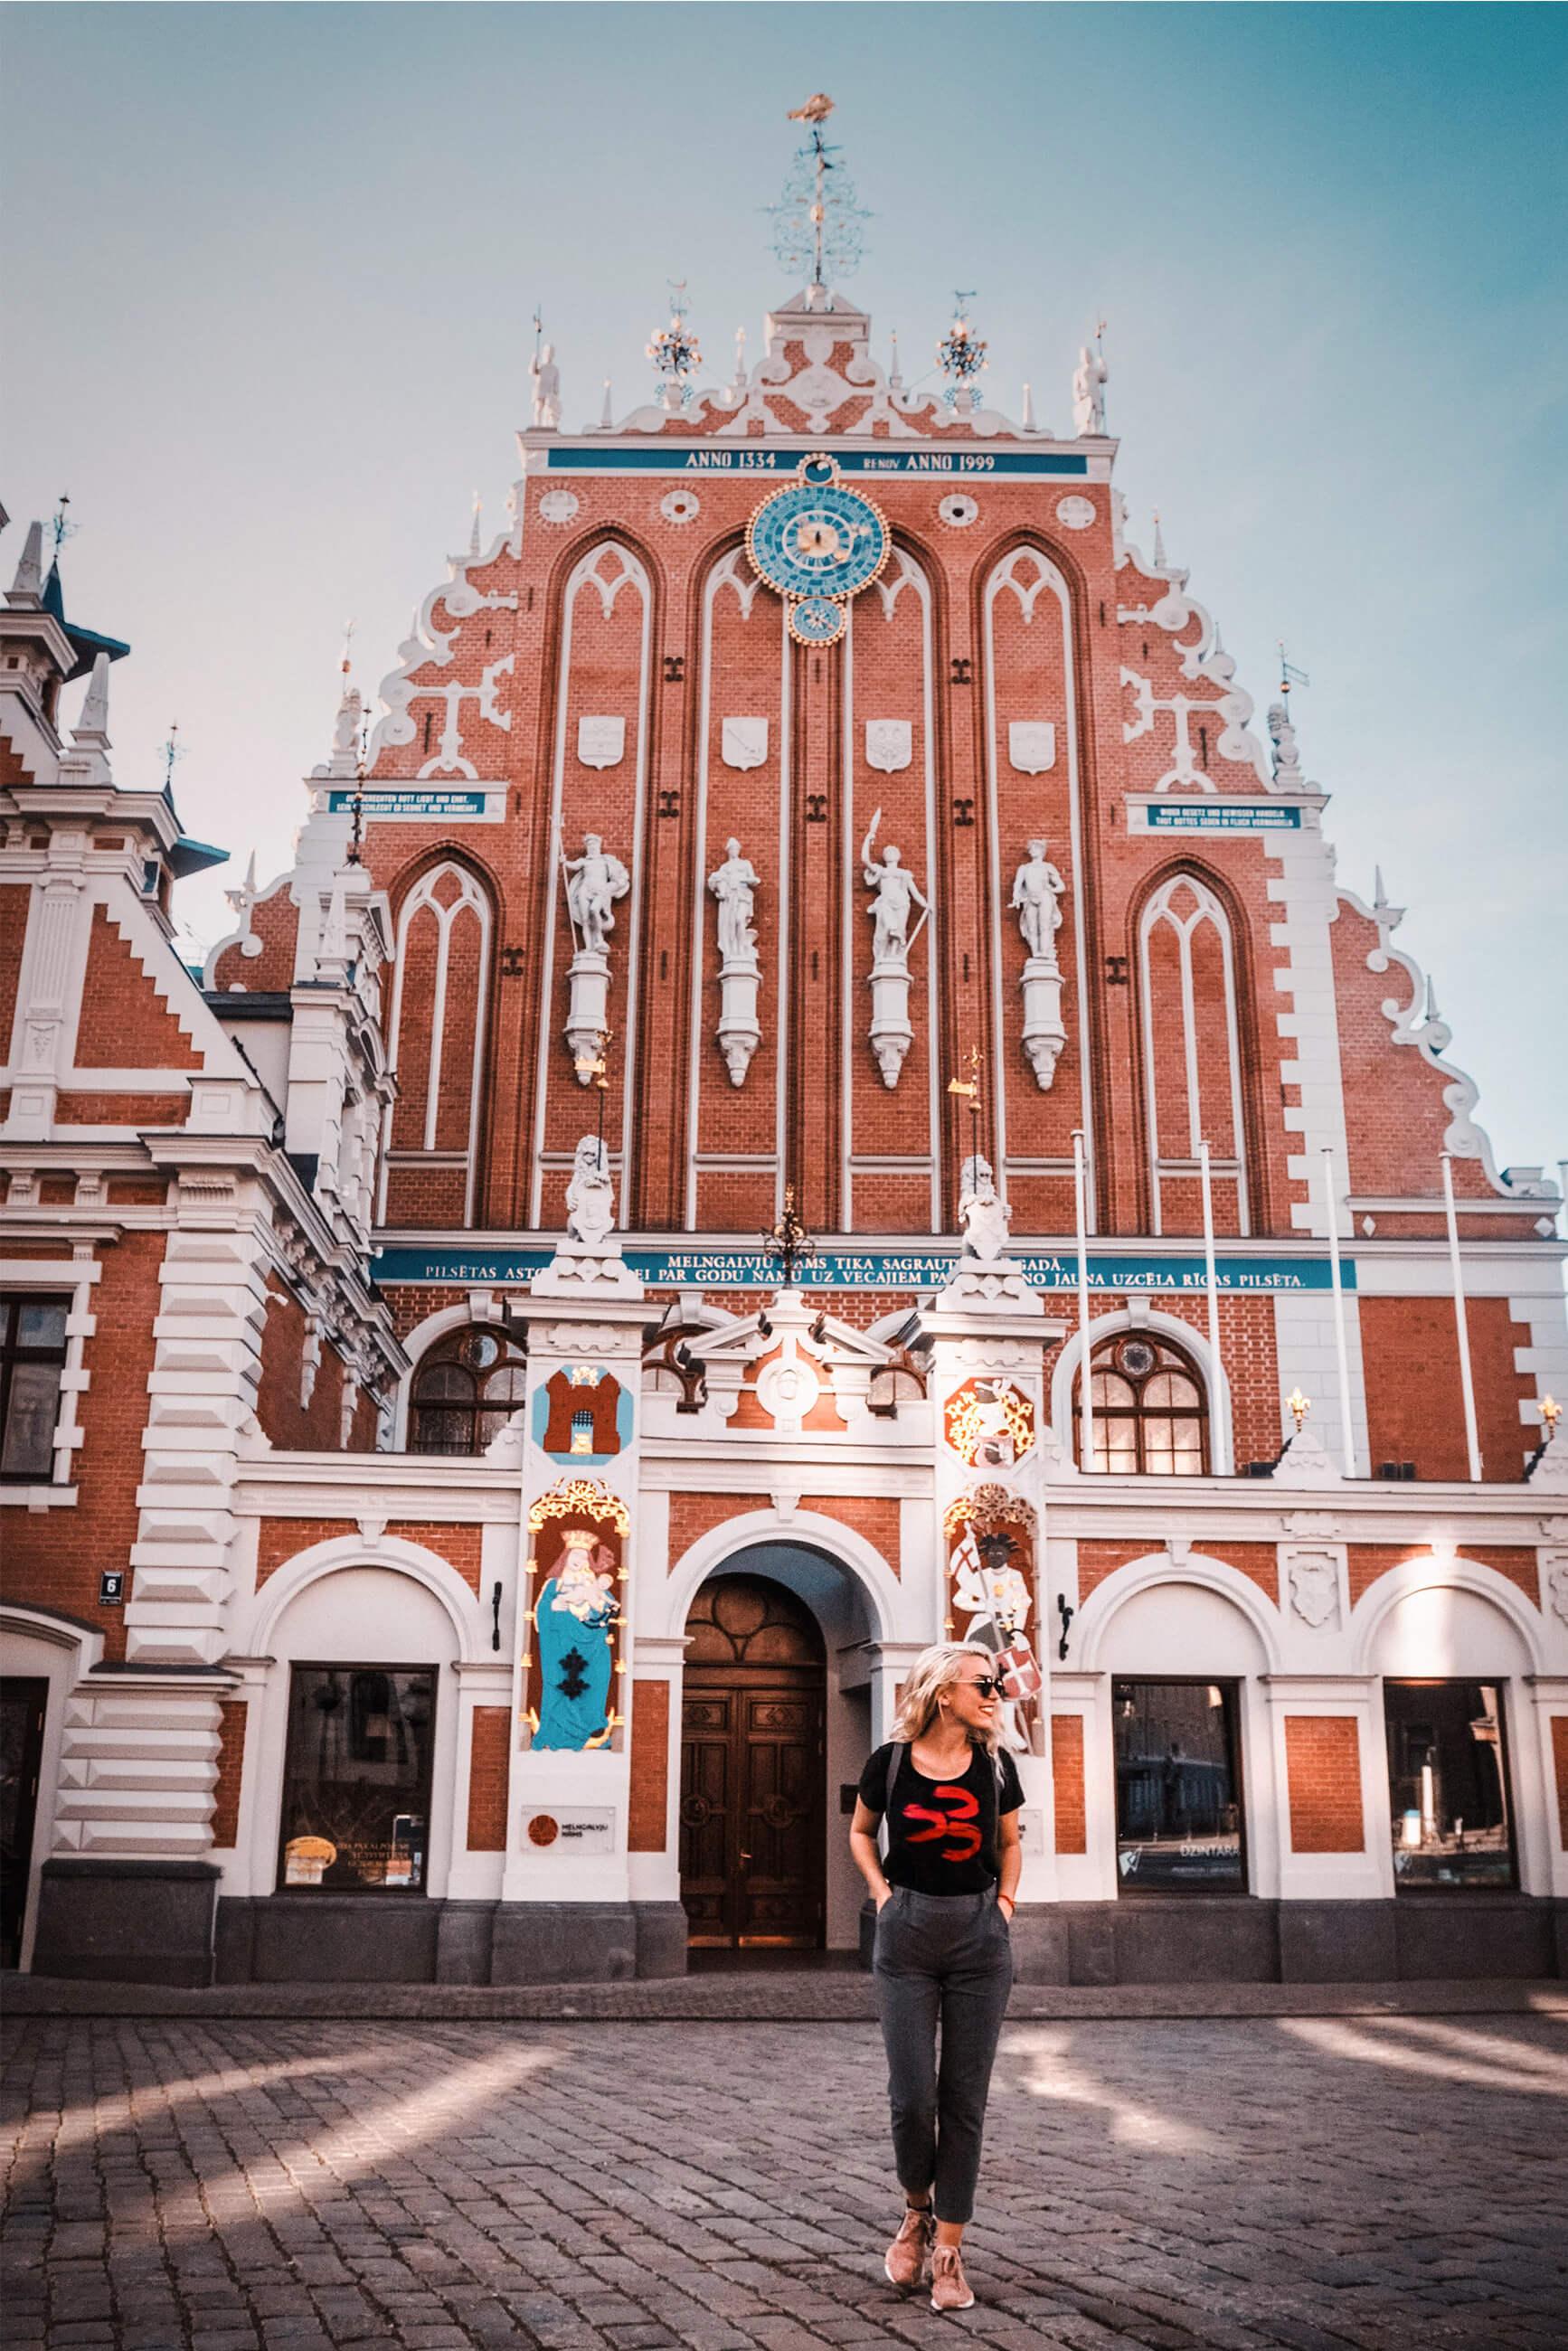 https://bubo.sk/uploads/galleries/5045/zuzkahabekova_lotyssko_riga_bratstvociernychhlav-40.jpg